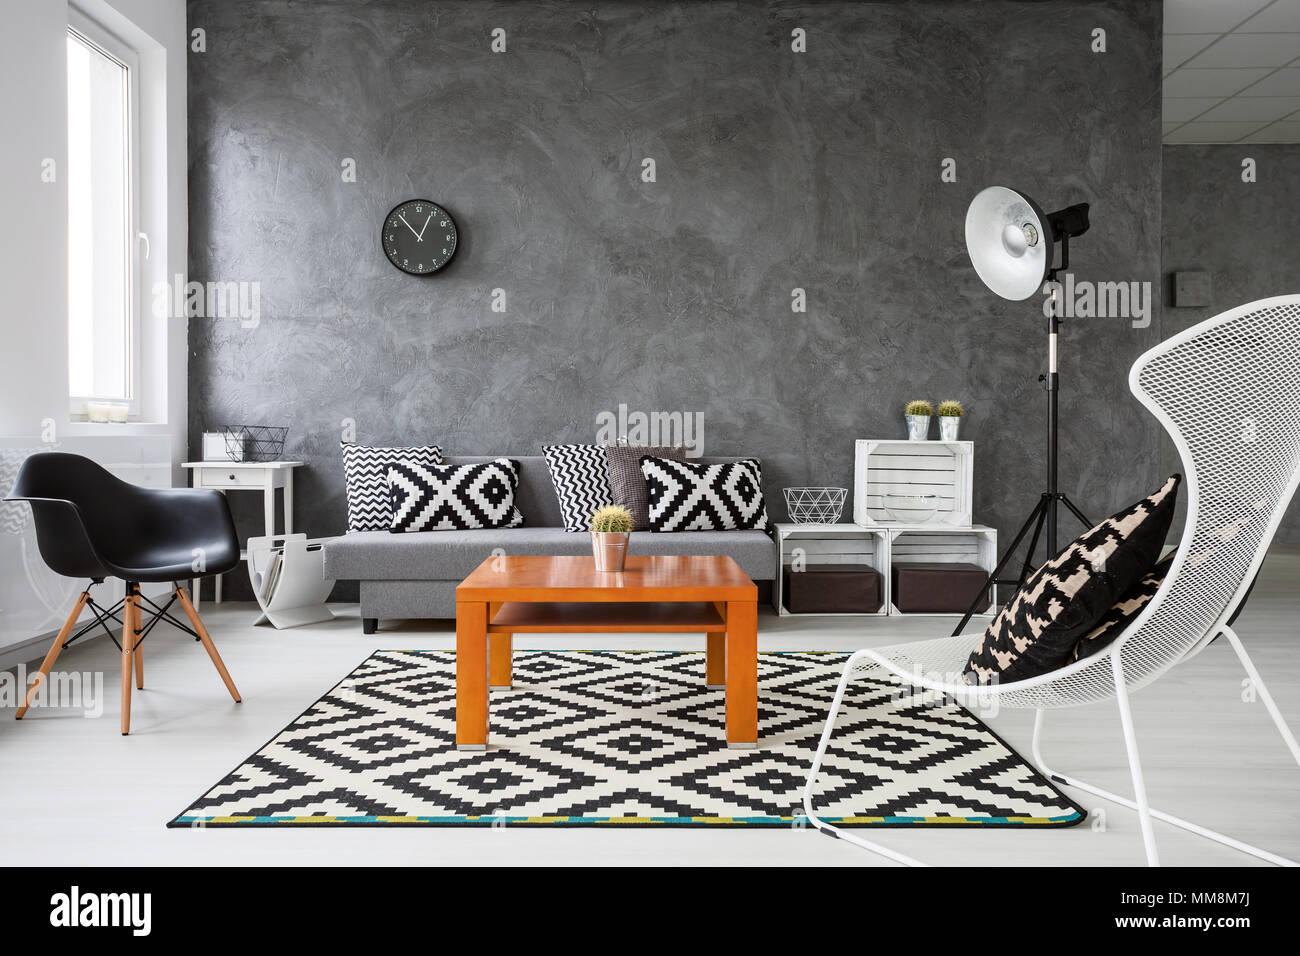 Pareti Soggiorno Grigio E Bianco : Soggiorno con pareti di colore grigio e bianco parquet in legno